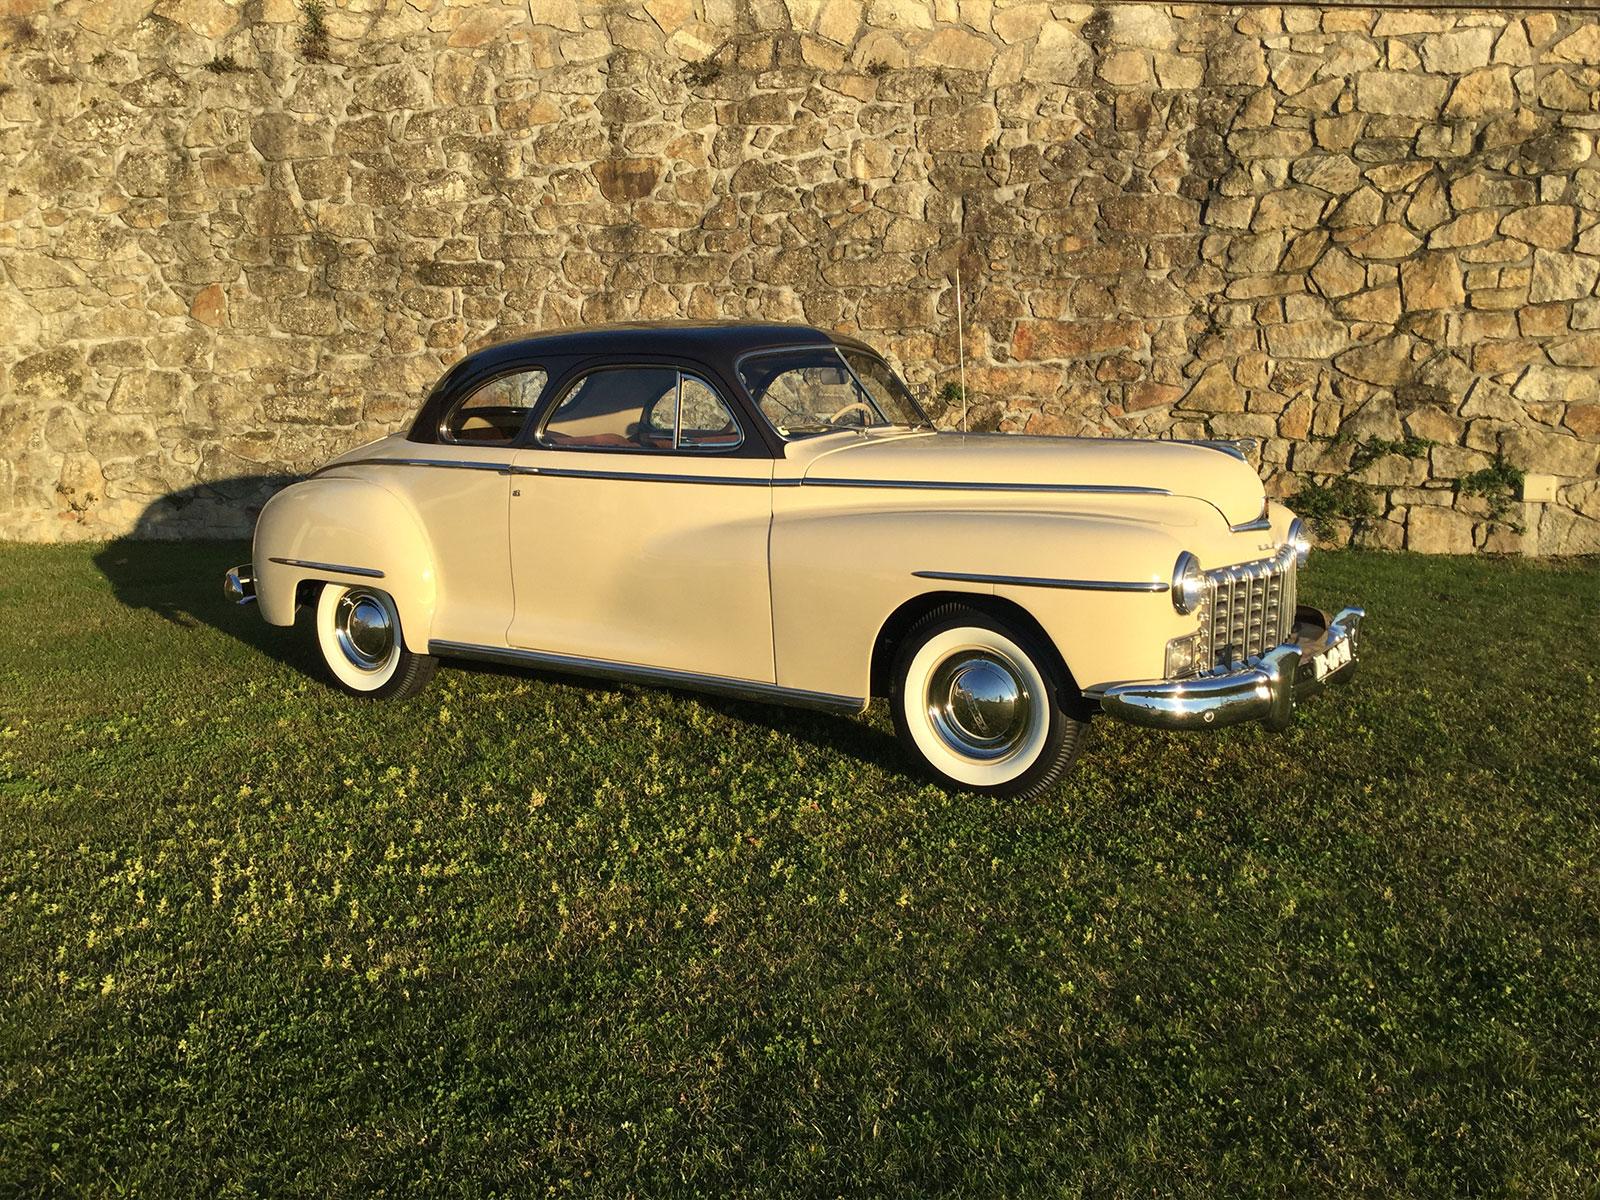 Limoeventos, Limousines, Aluguer de Limousines, Veículos, Classico Dodge